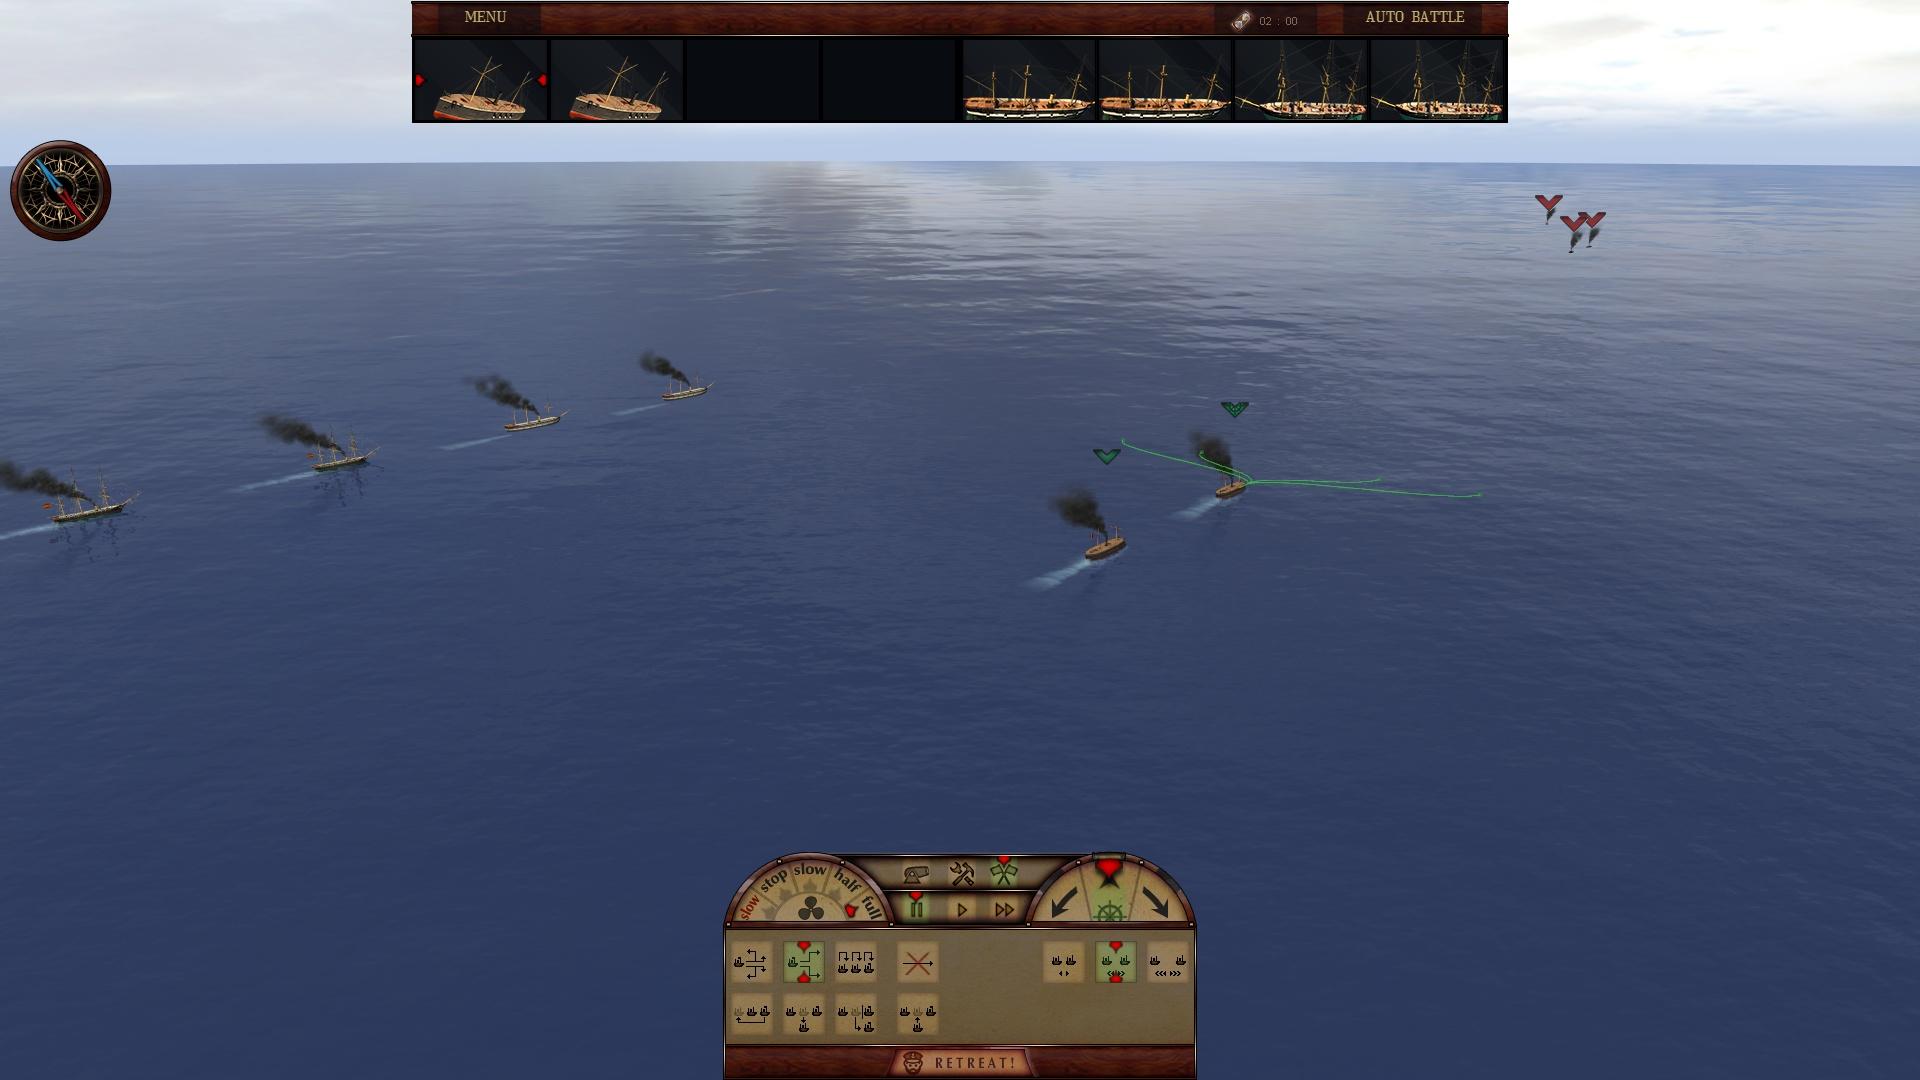 钢铁覆盖:墨西哥湾1864年 游戏截图